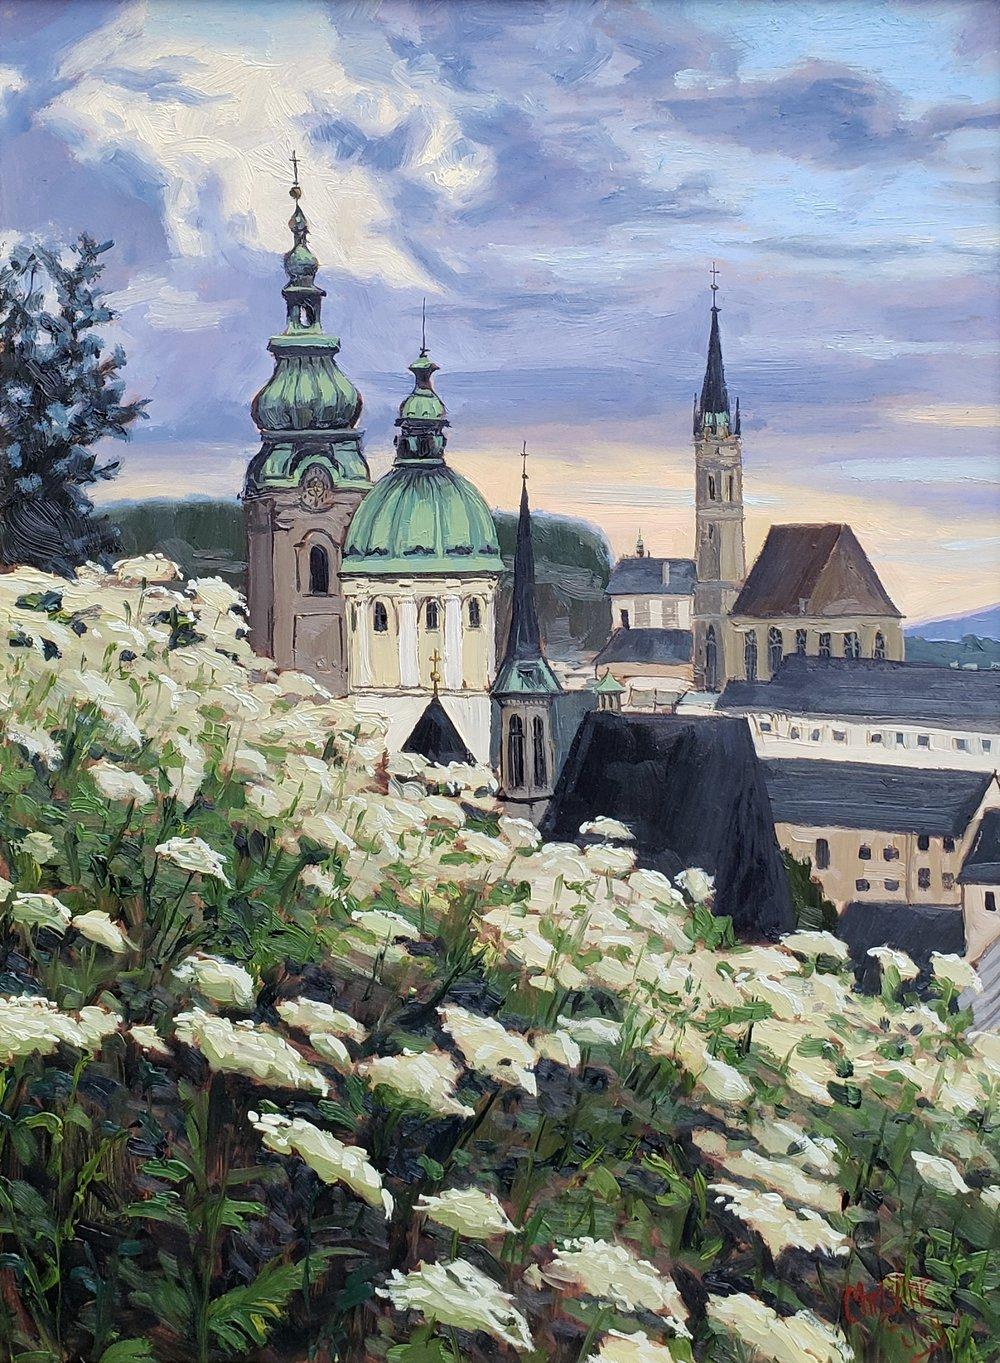 The Sound of Music - Salzburg